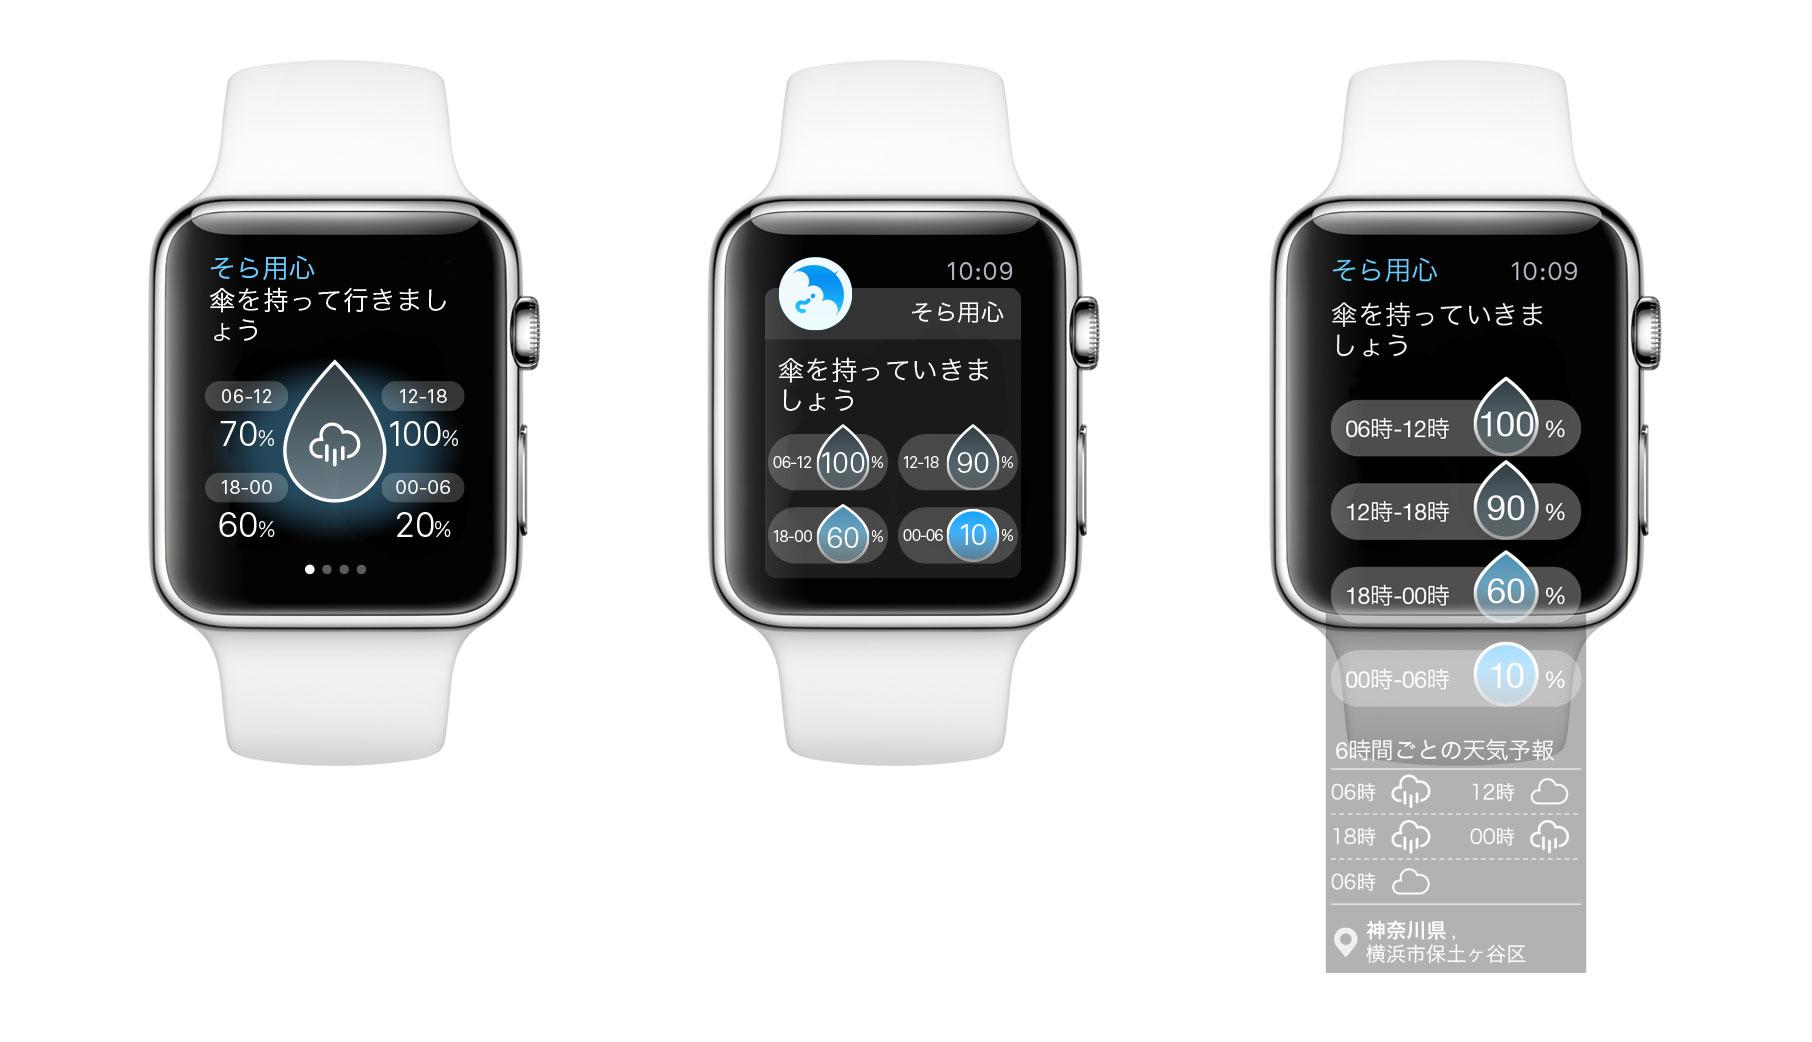 そら用心、Apple Watch対応版